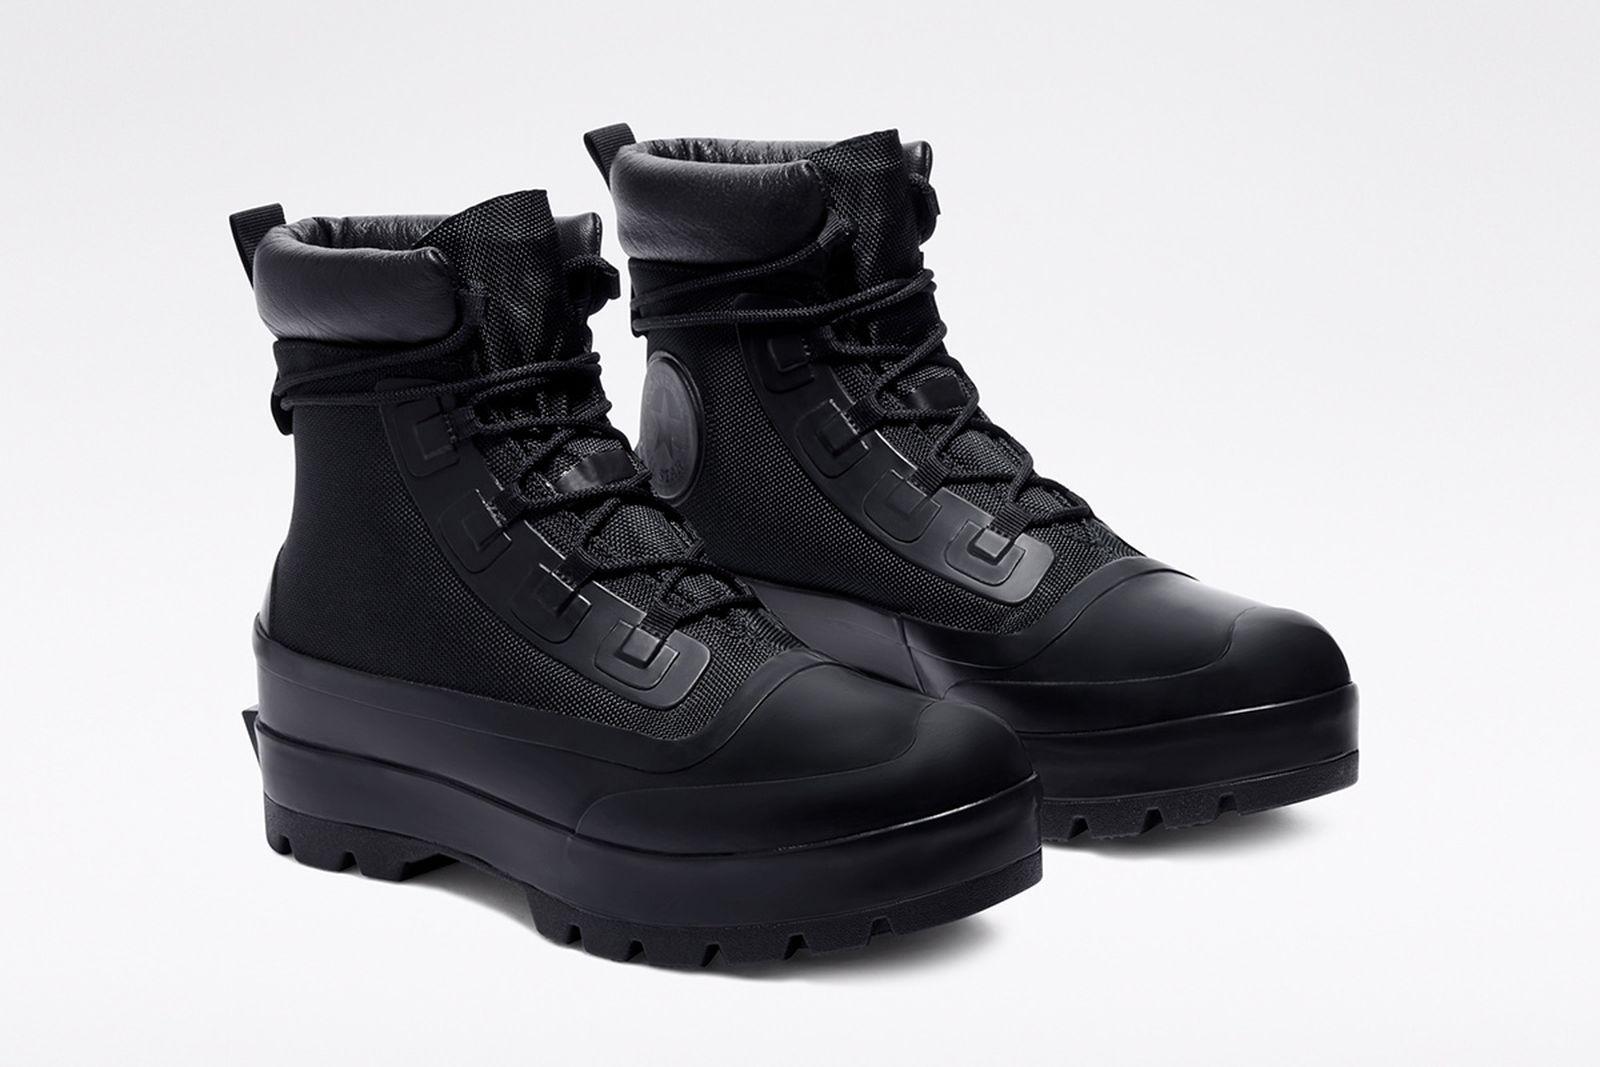 ambush-converse-ctas-duck-boot-release-date-price-1-16